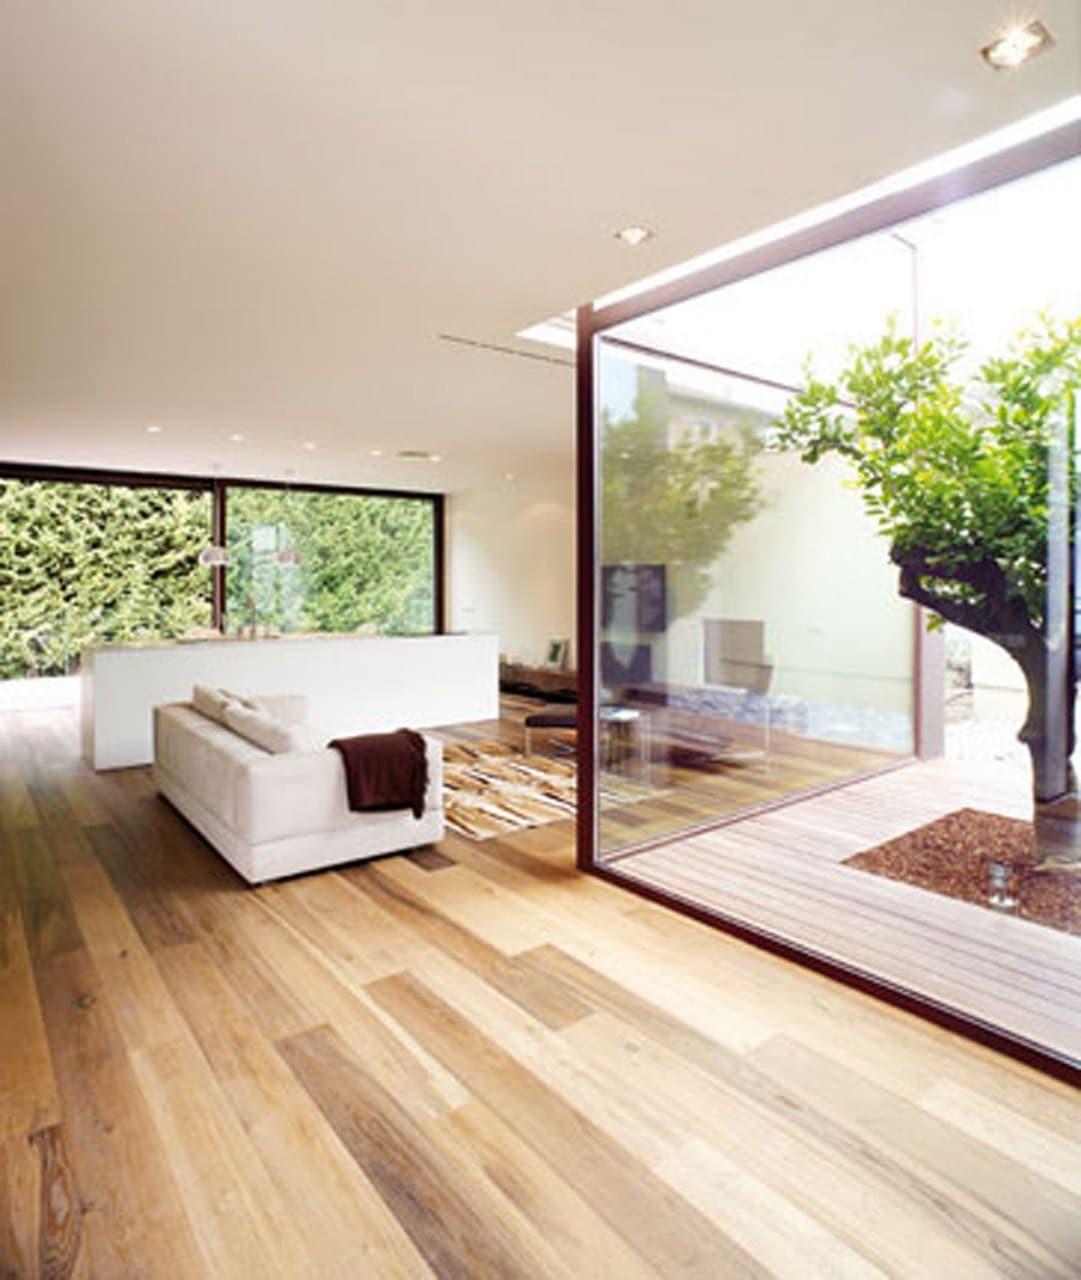 Jardines interiores en casas modernas dise os for Planos de interiores